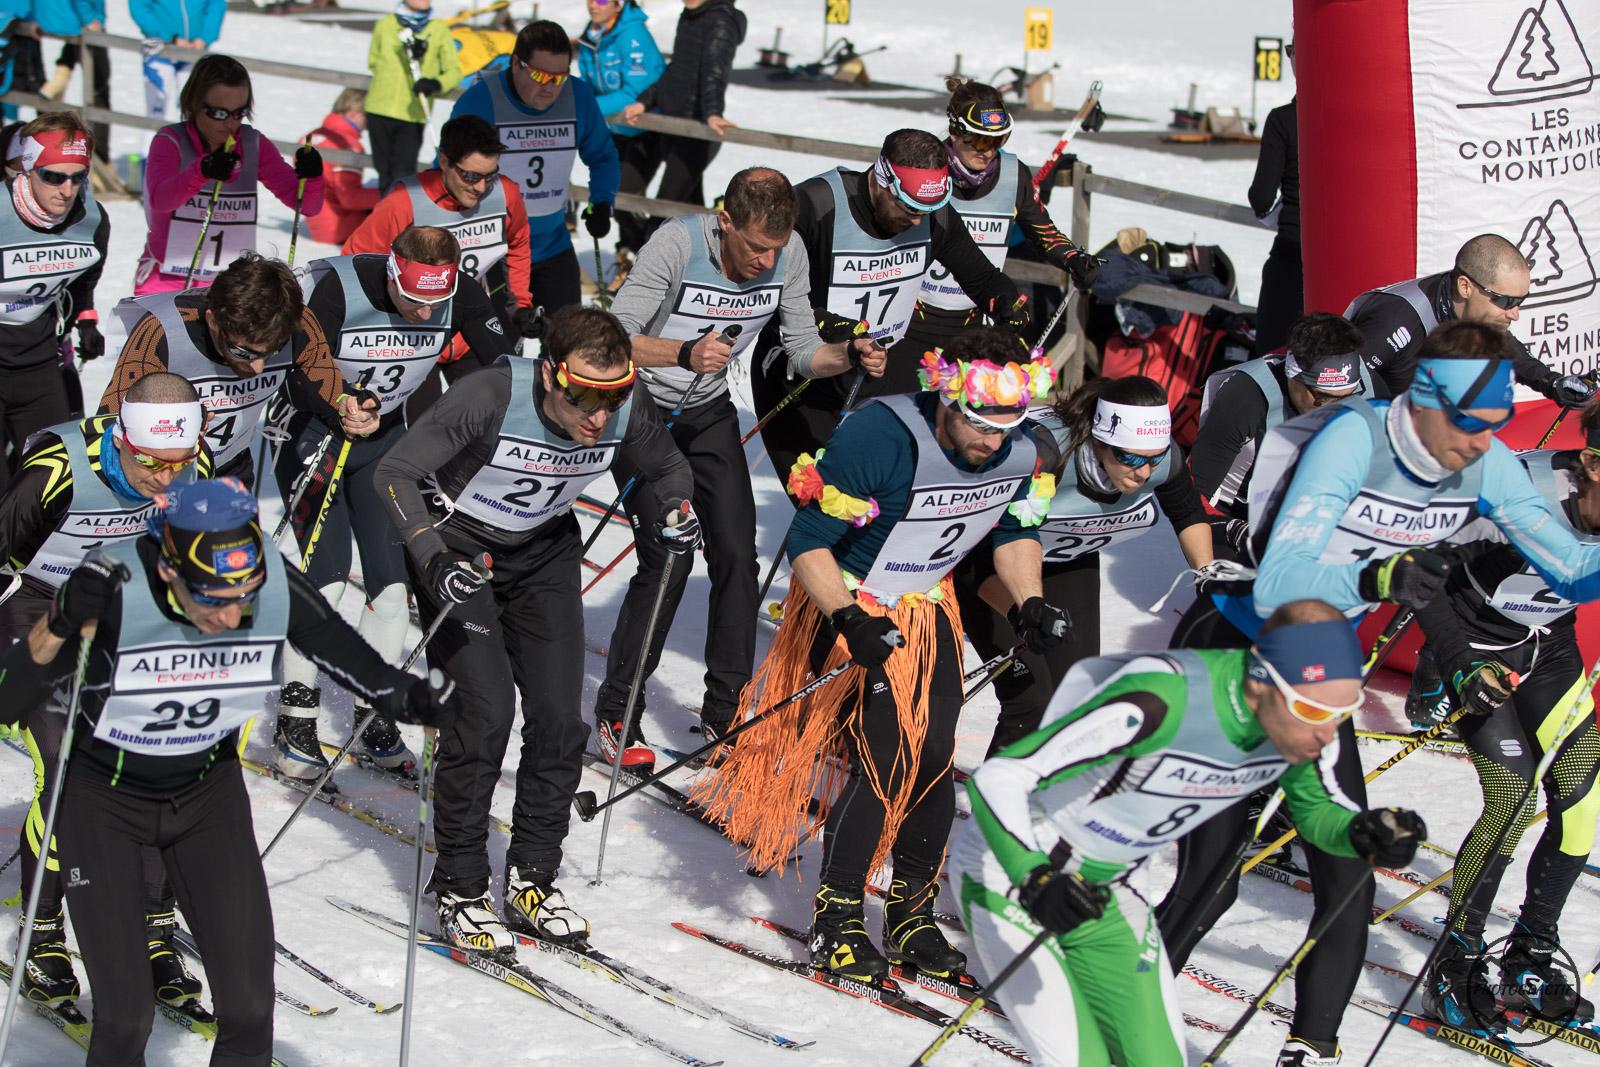 Biathlon Alpinum Les Contamines 2019 (48)